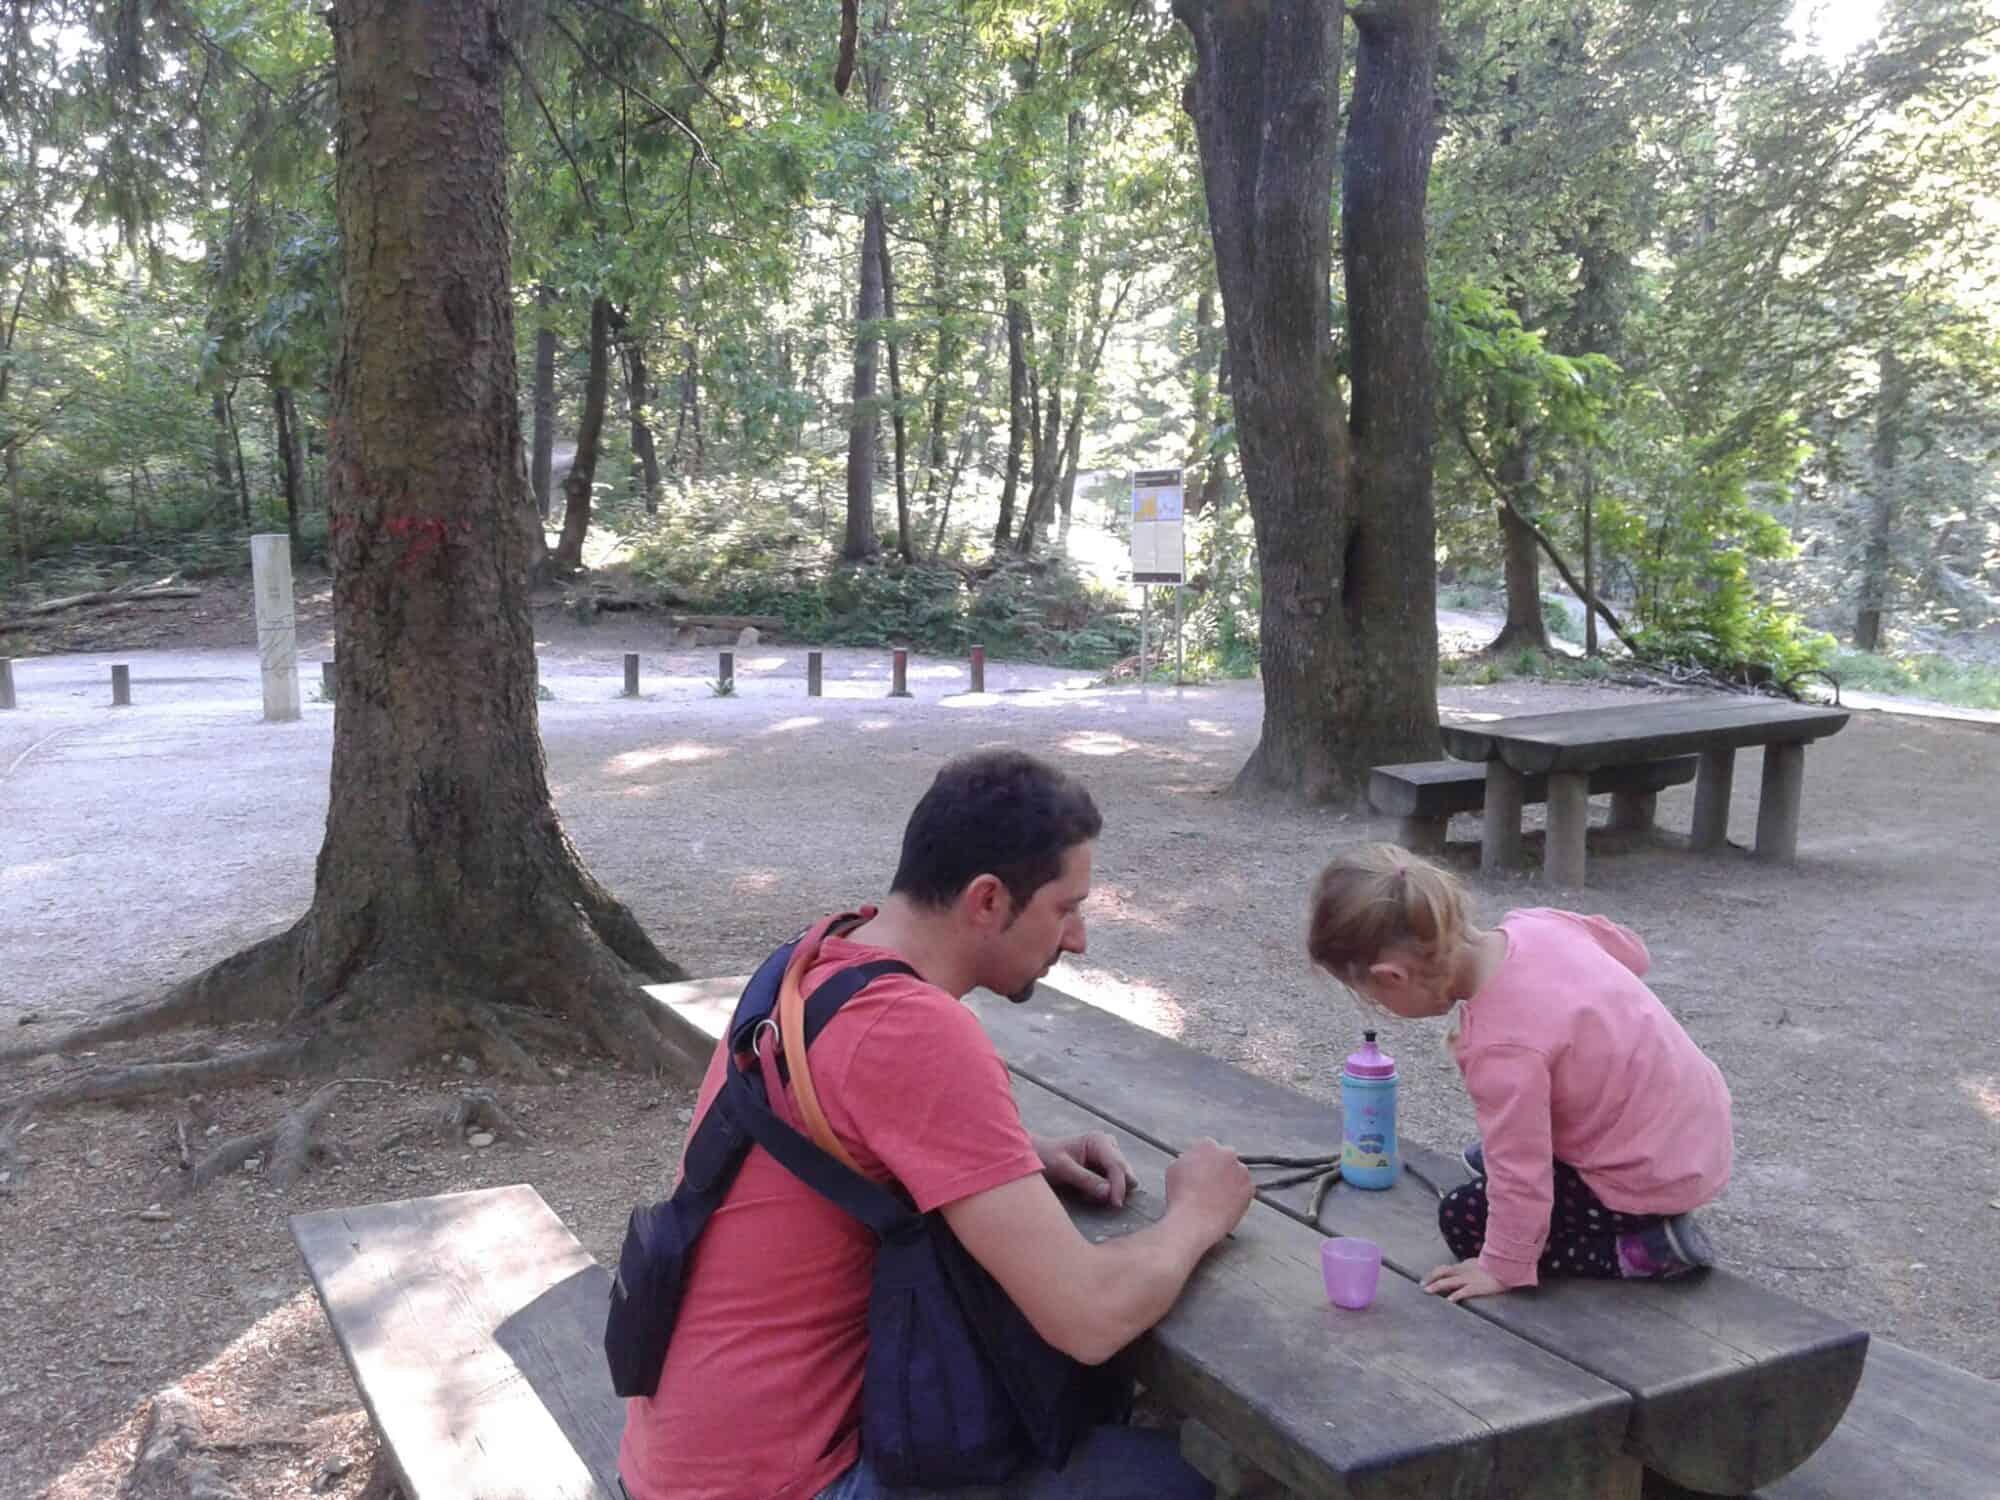 Vecje pocivalisce, kjer poteka tudi Pot spominov in prijateljstva (Golovec, Ljubljana)